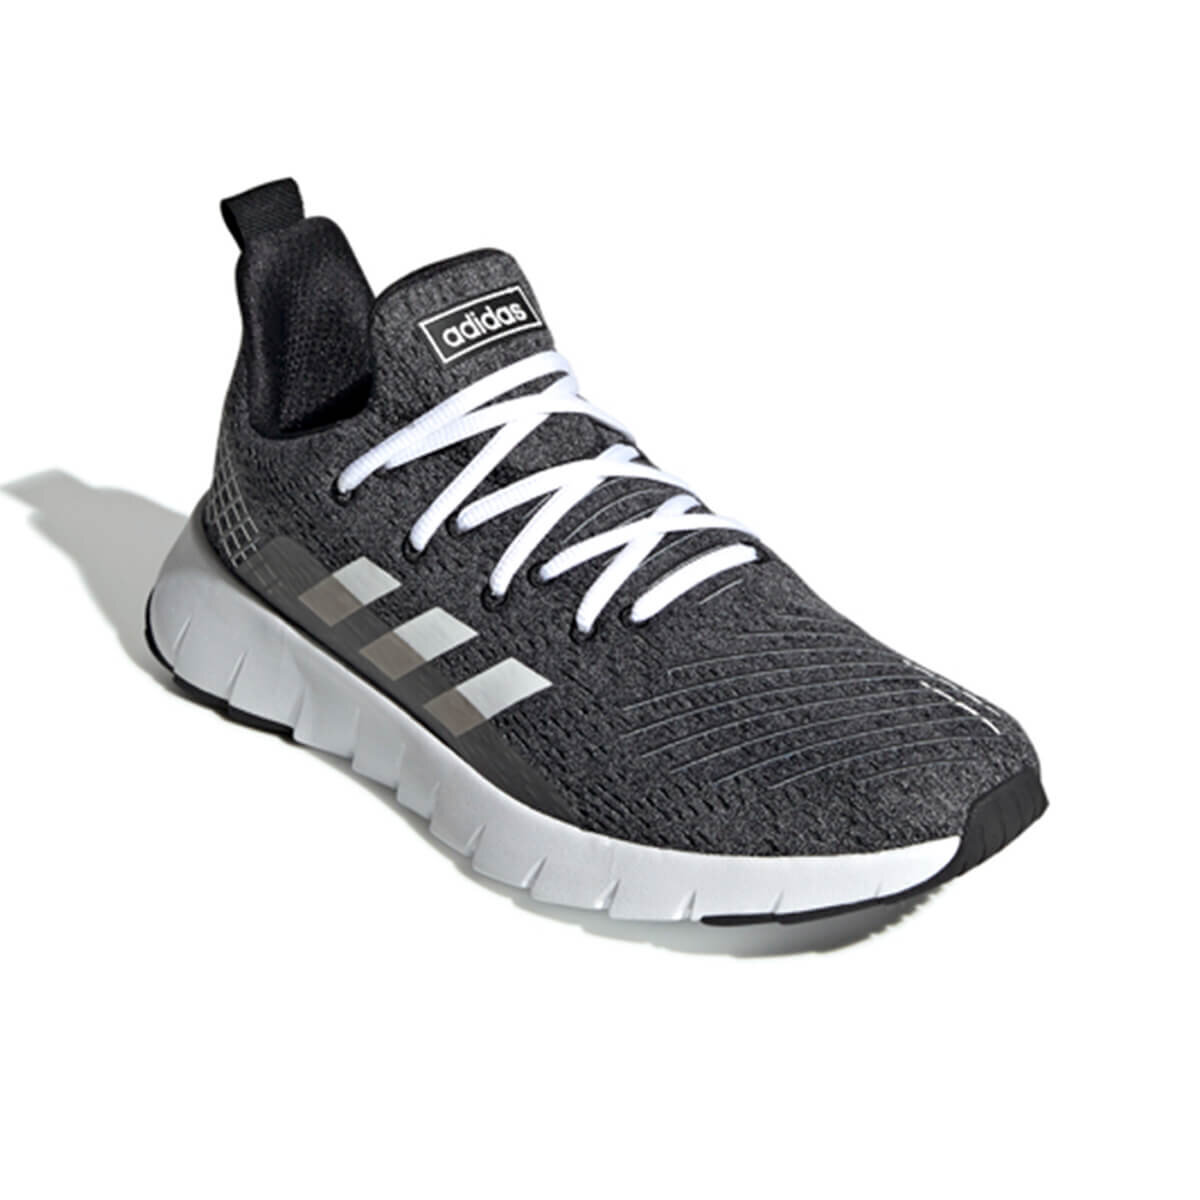 BEYAZ Erkek Koşu Ayakkabısı ASWEEGO